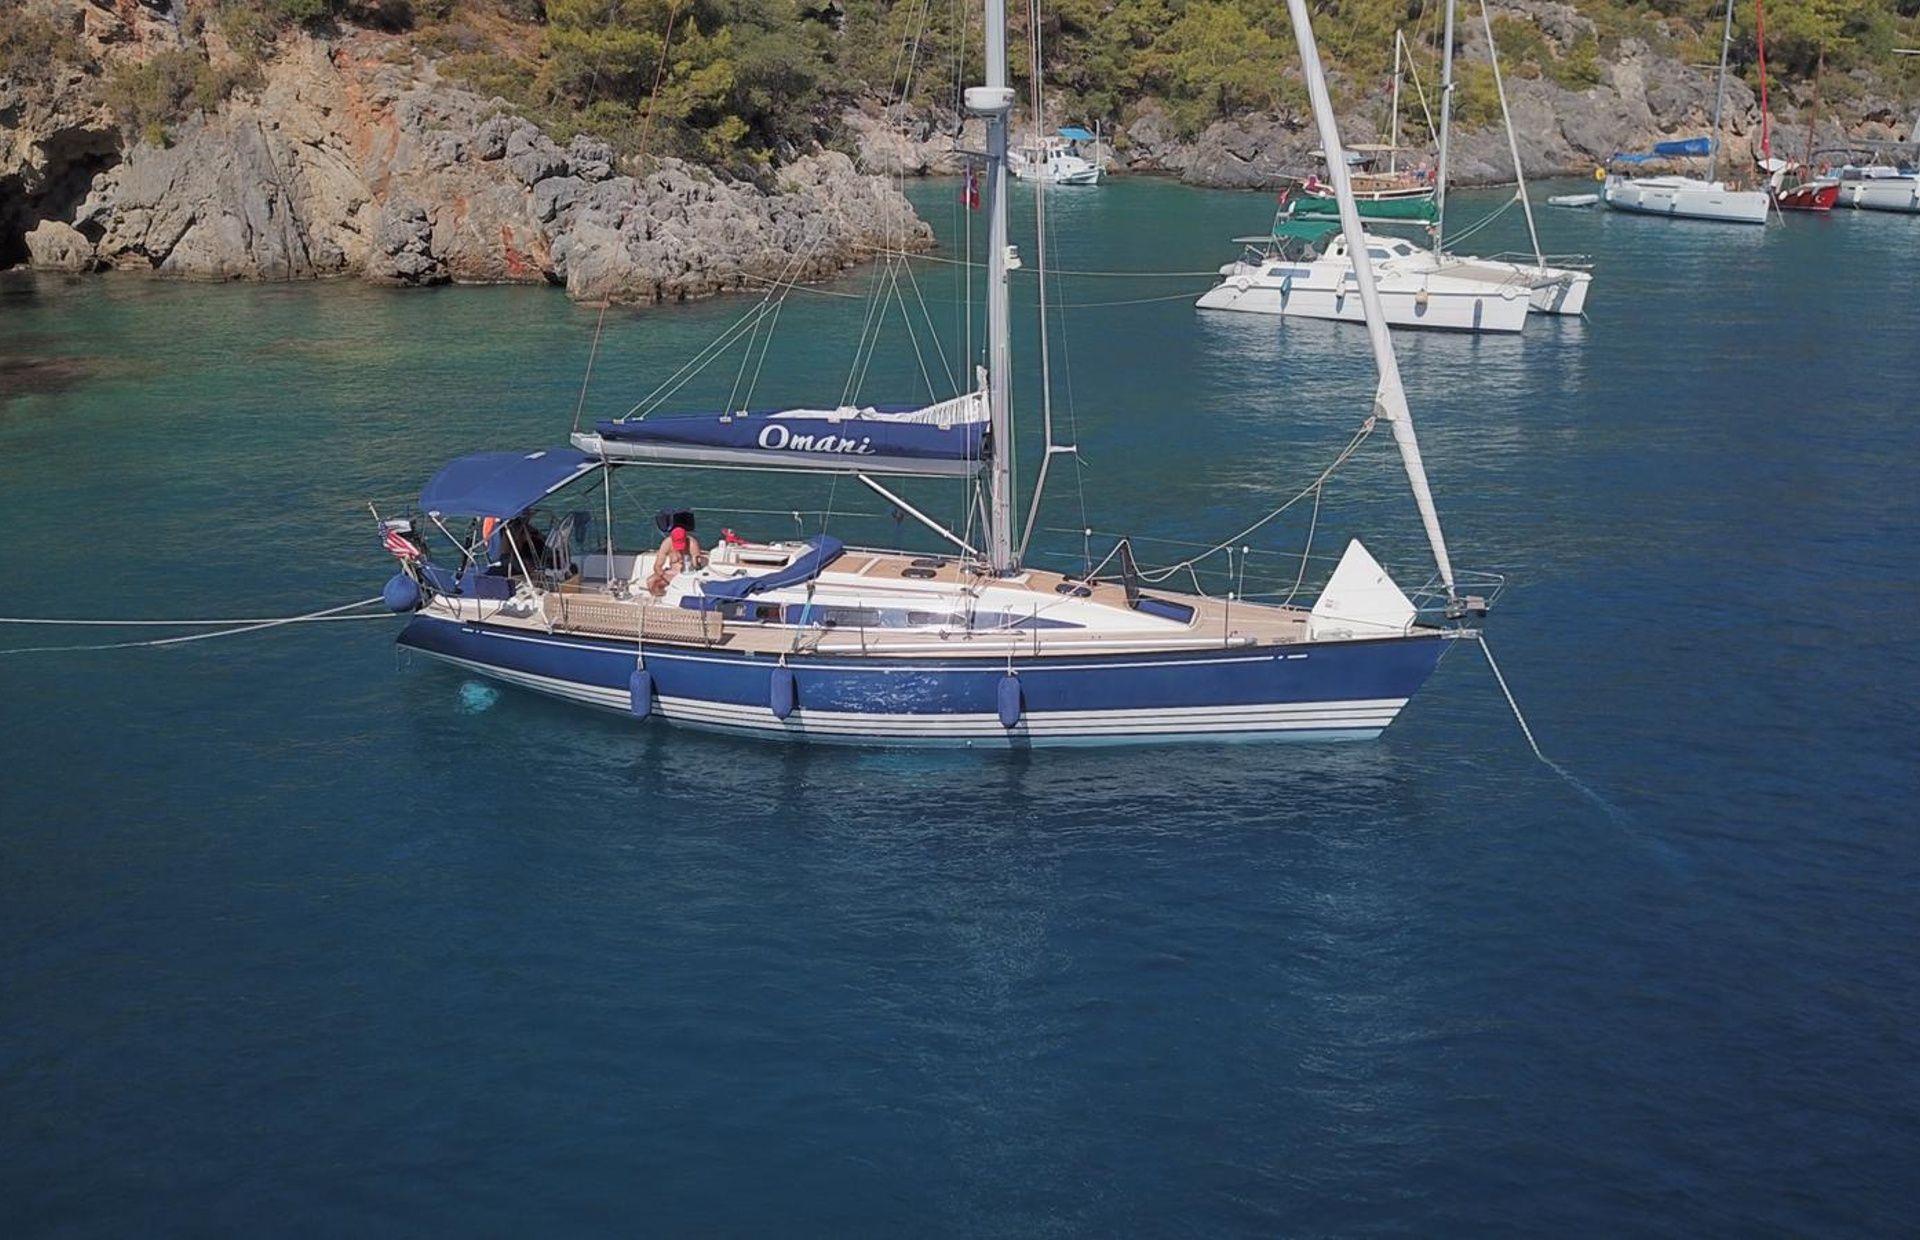 https://media.insailing.com/boat/omani/image_1581533173383.jpg